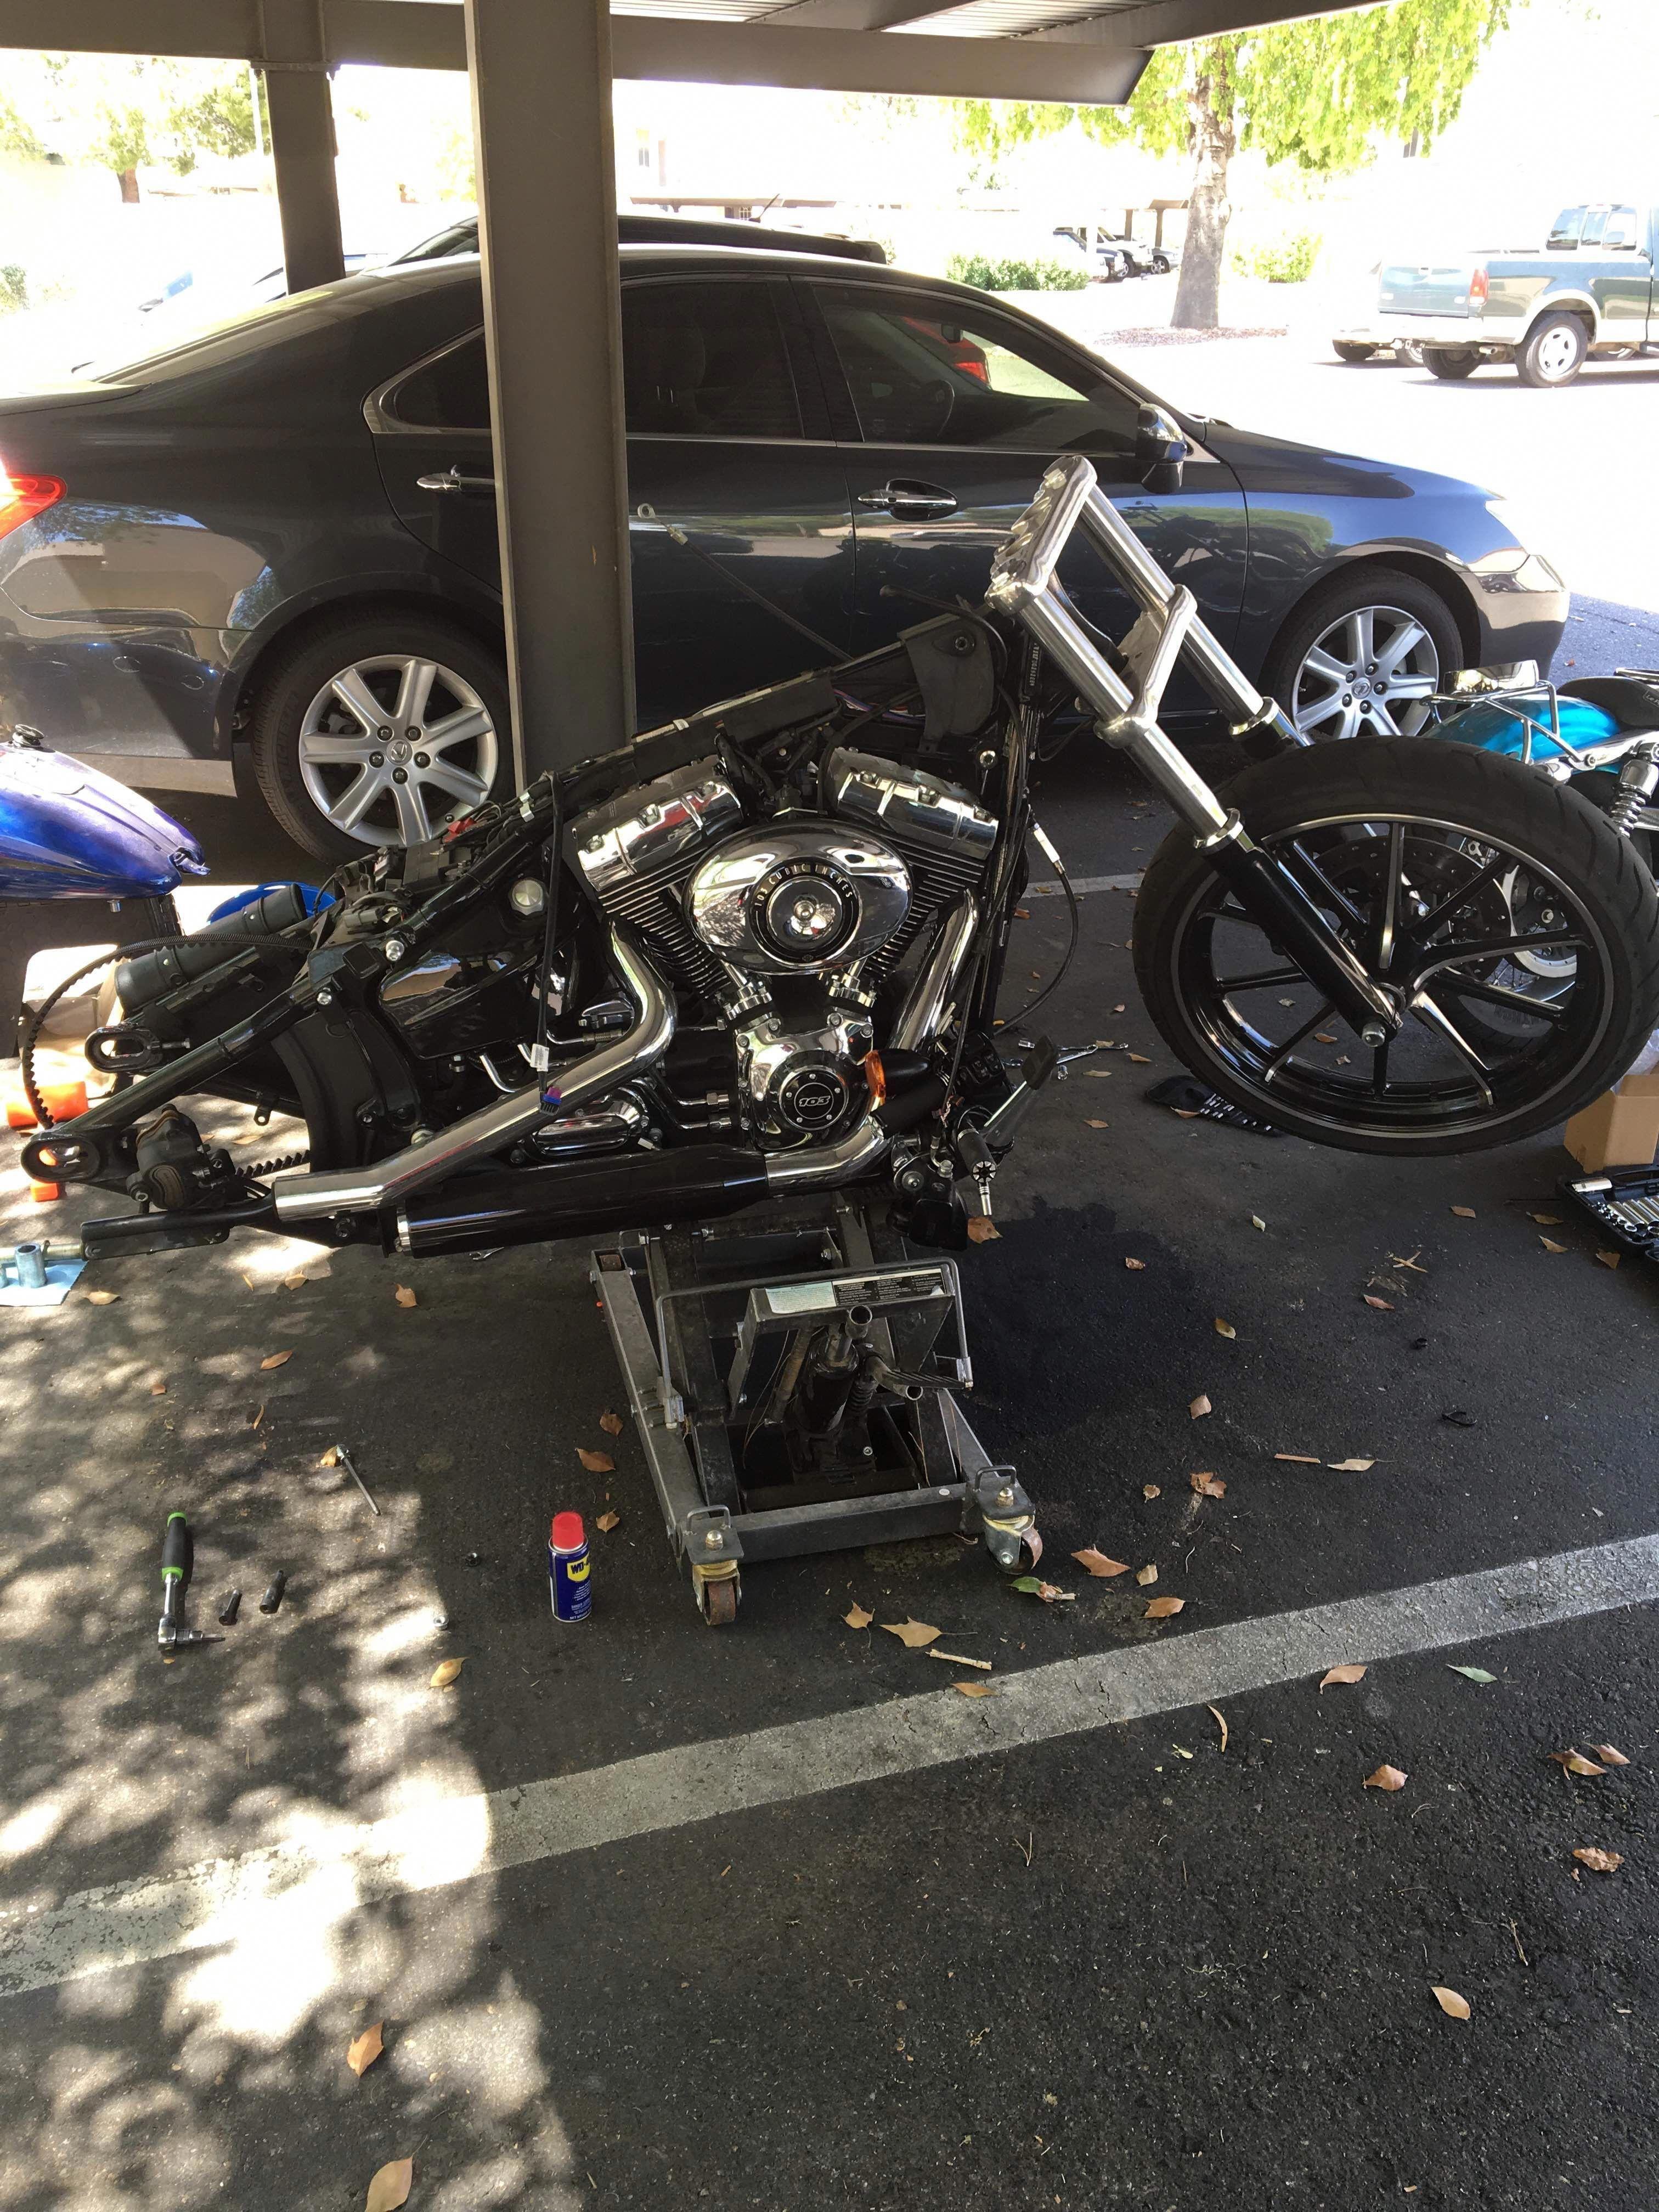 2015 Harley Davidson Softail Breakout    stripping her down